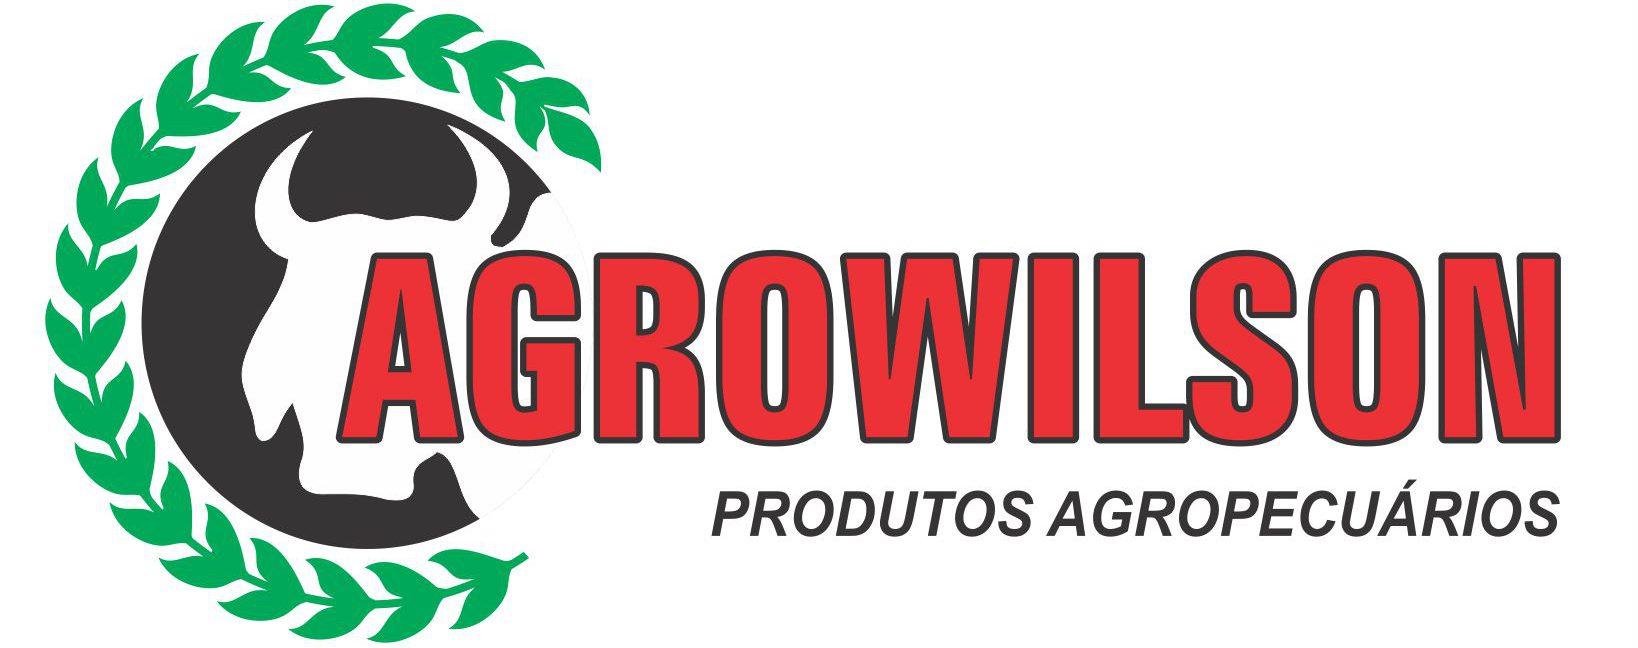 Agrowilson Distribuidora LTDA